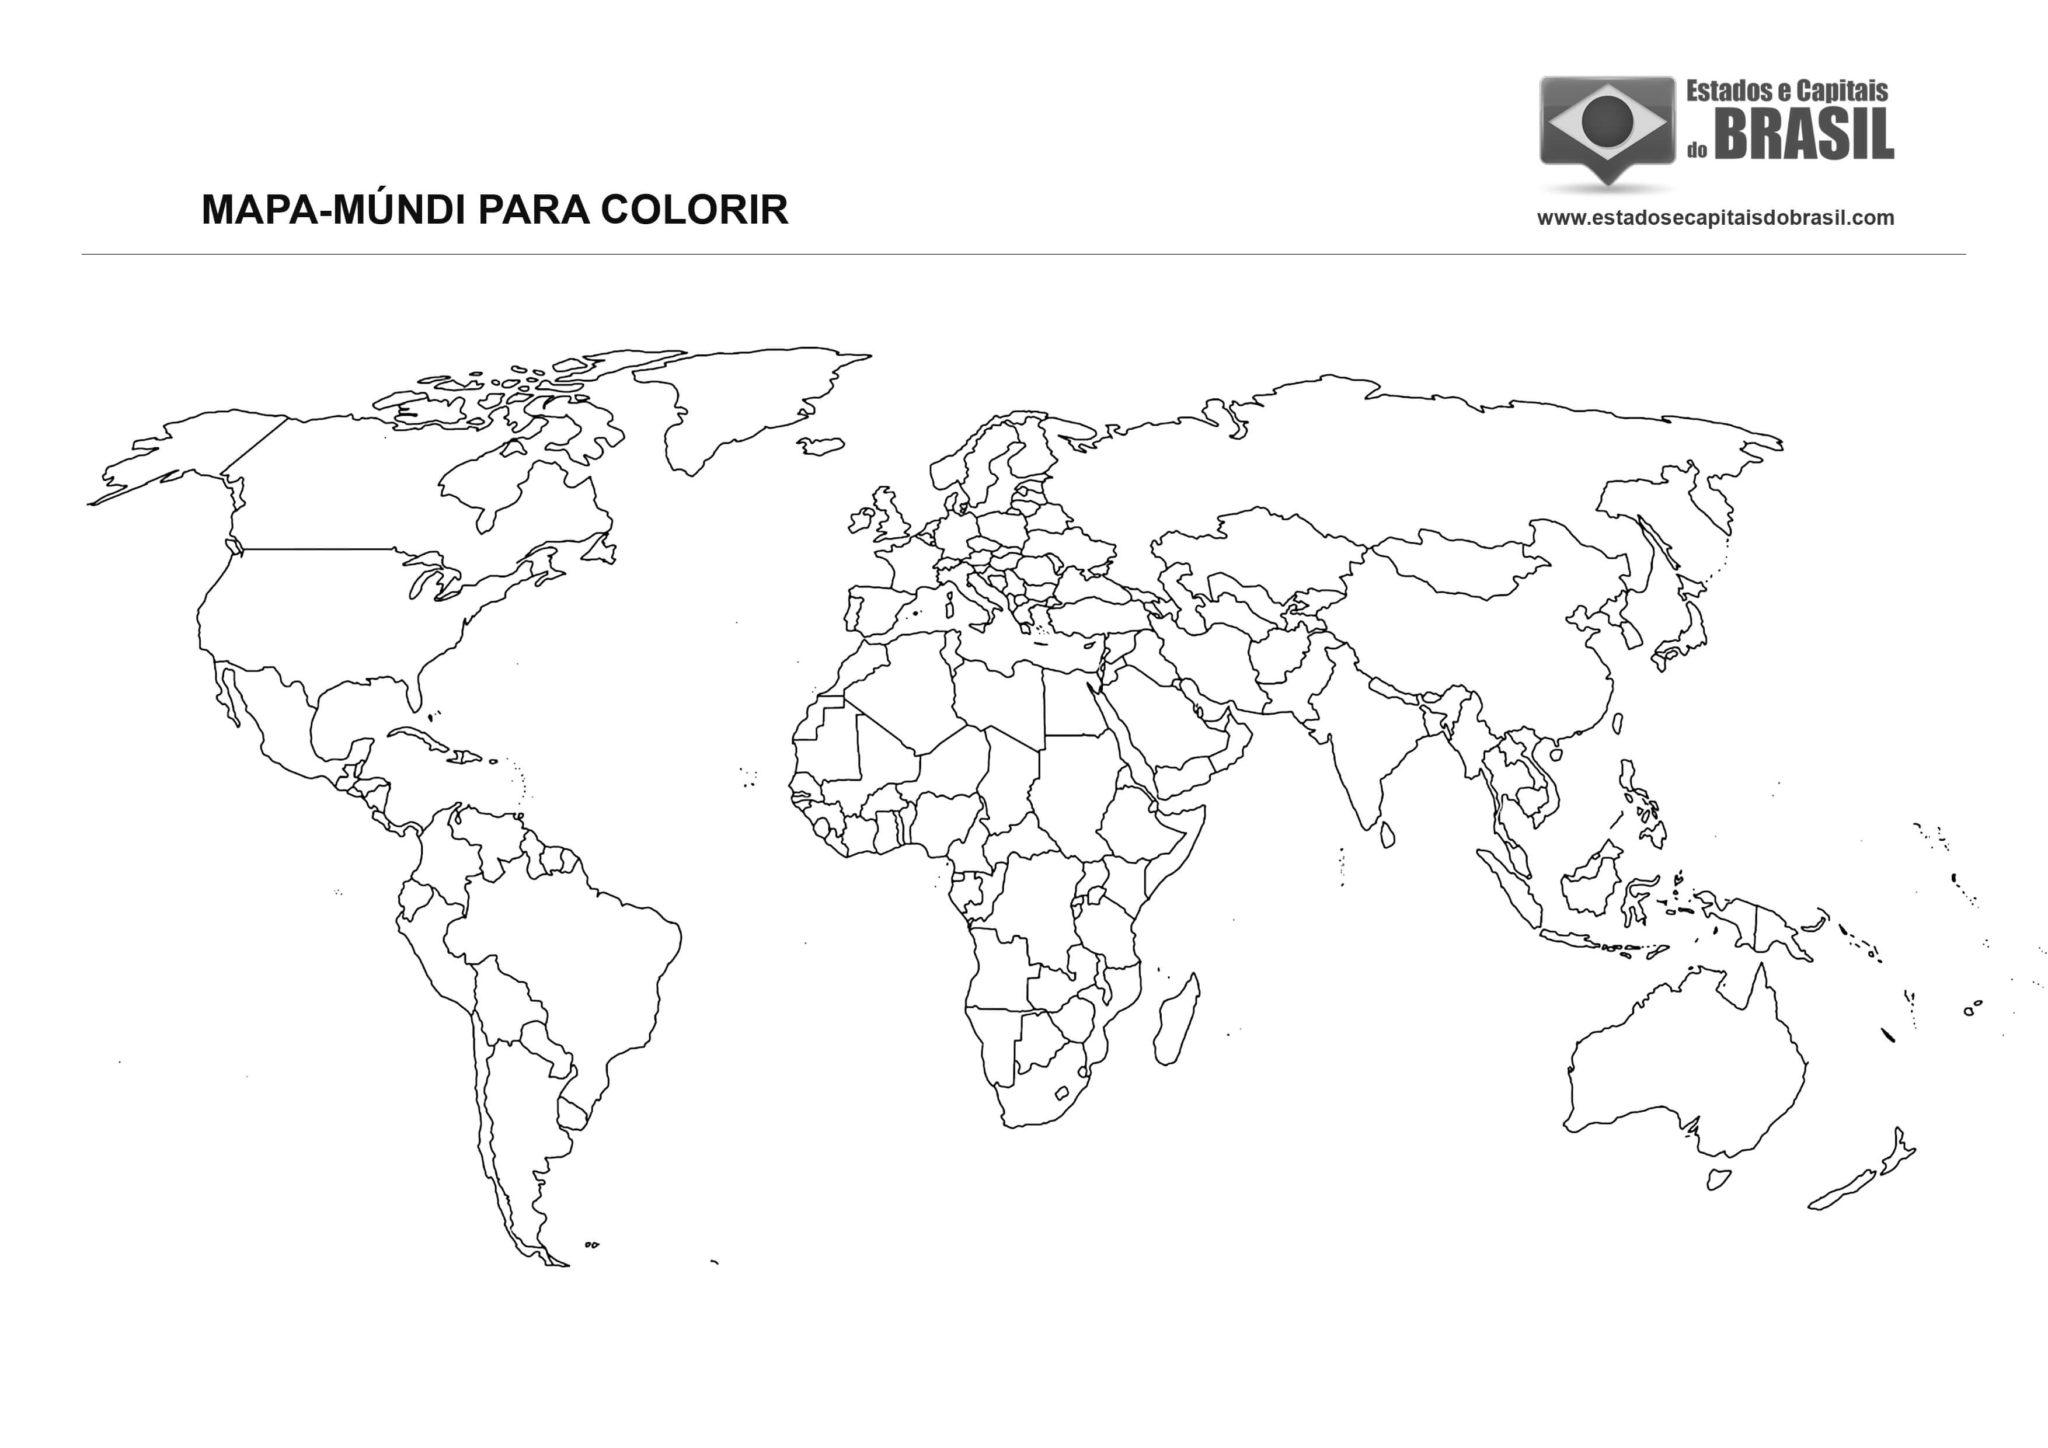 Mapa-Múndi para colorir (países) - versão 2